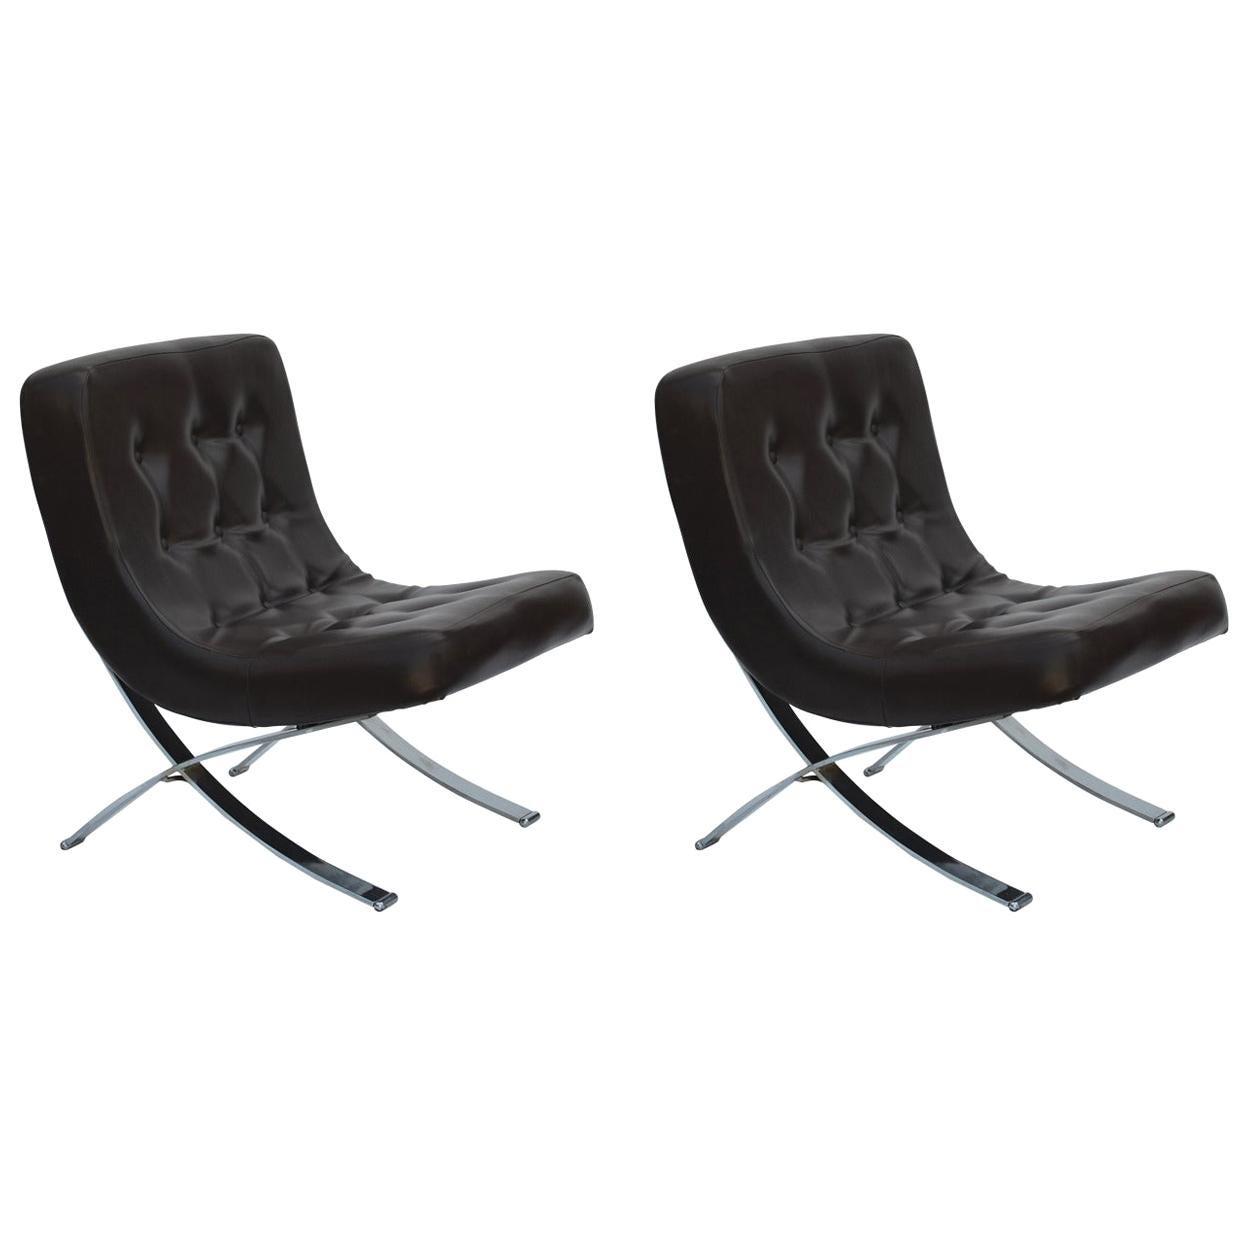 Pair of Chromed Italian 1970s Slipper Chairs